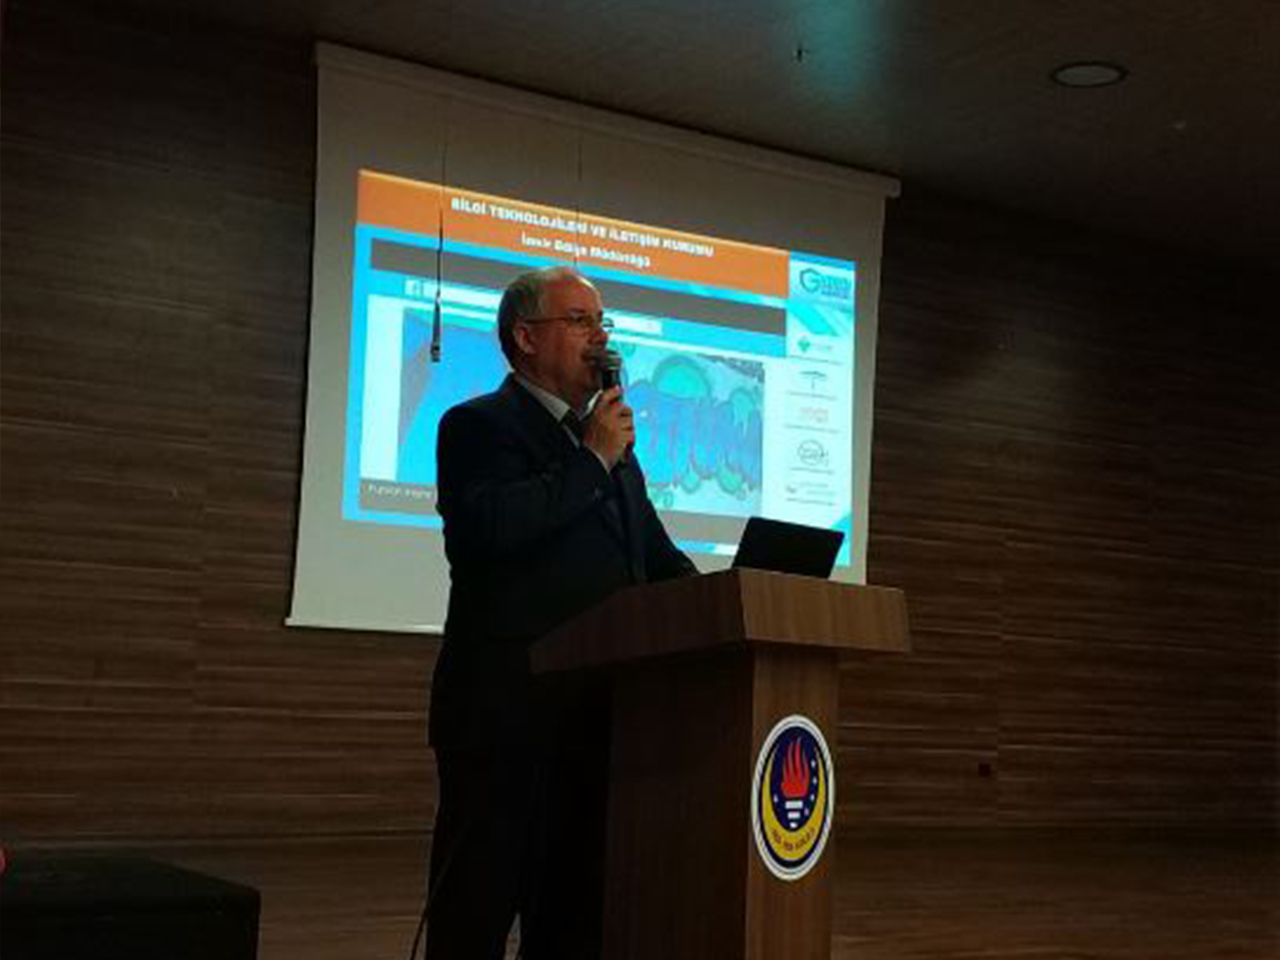 Aydın Germencik Himmet Condur cumhuriyet Ortaokulunda, Billinçli Ve Güvenli İnternet Semineri